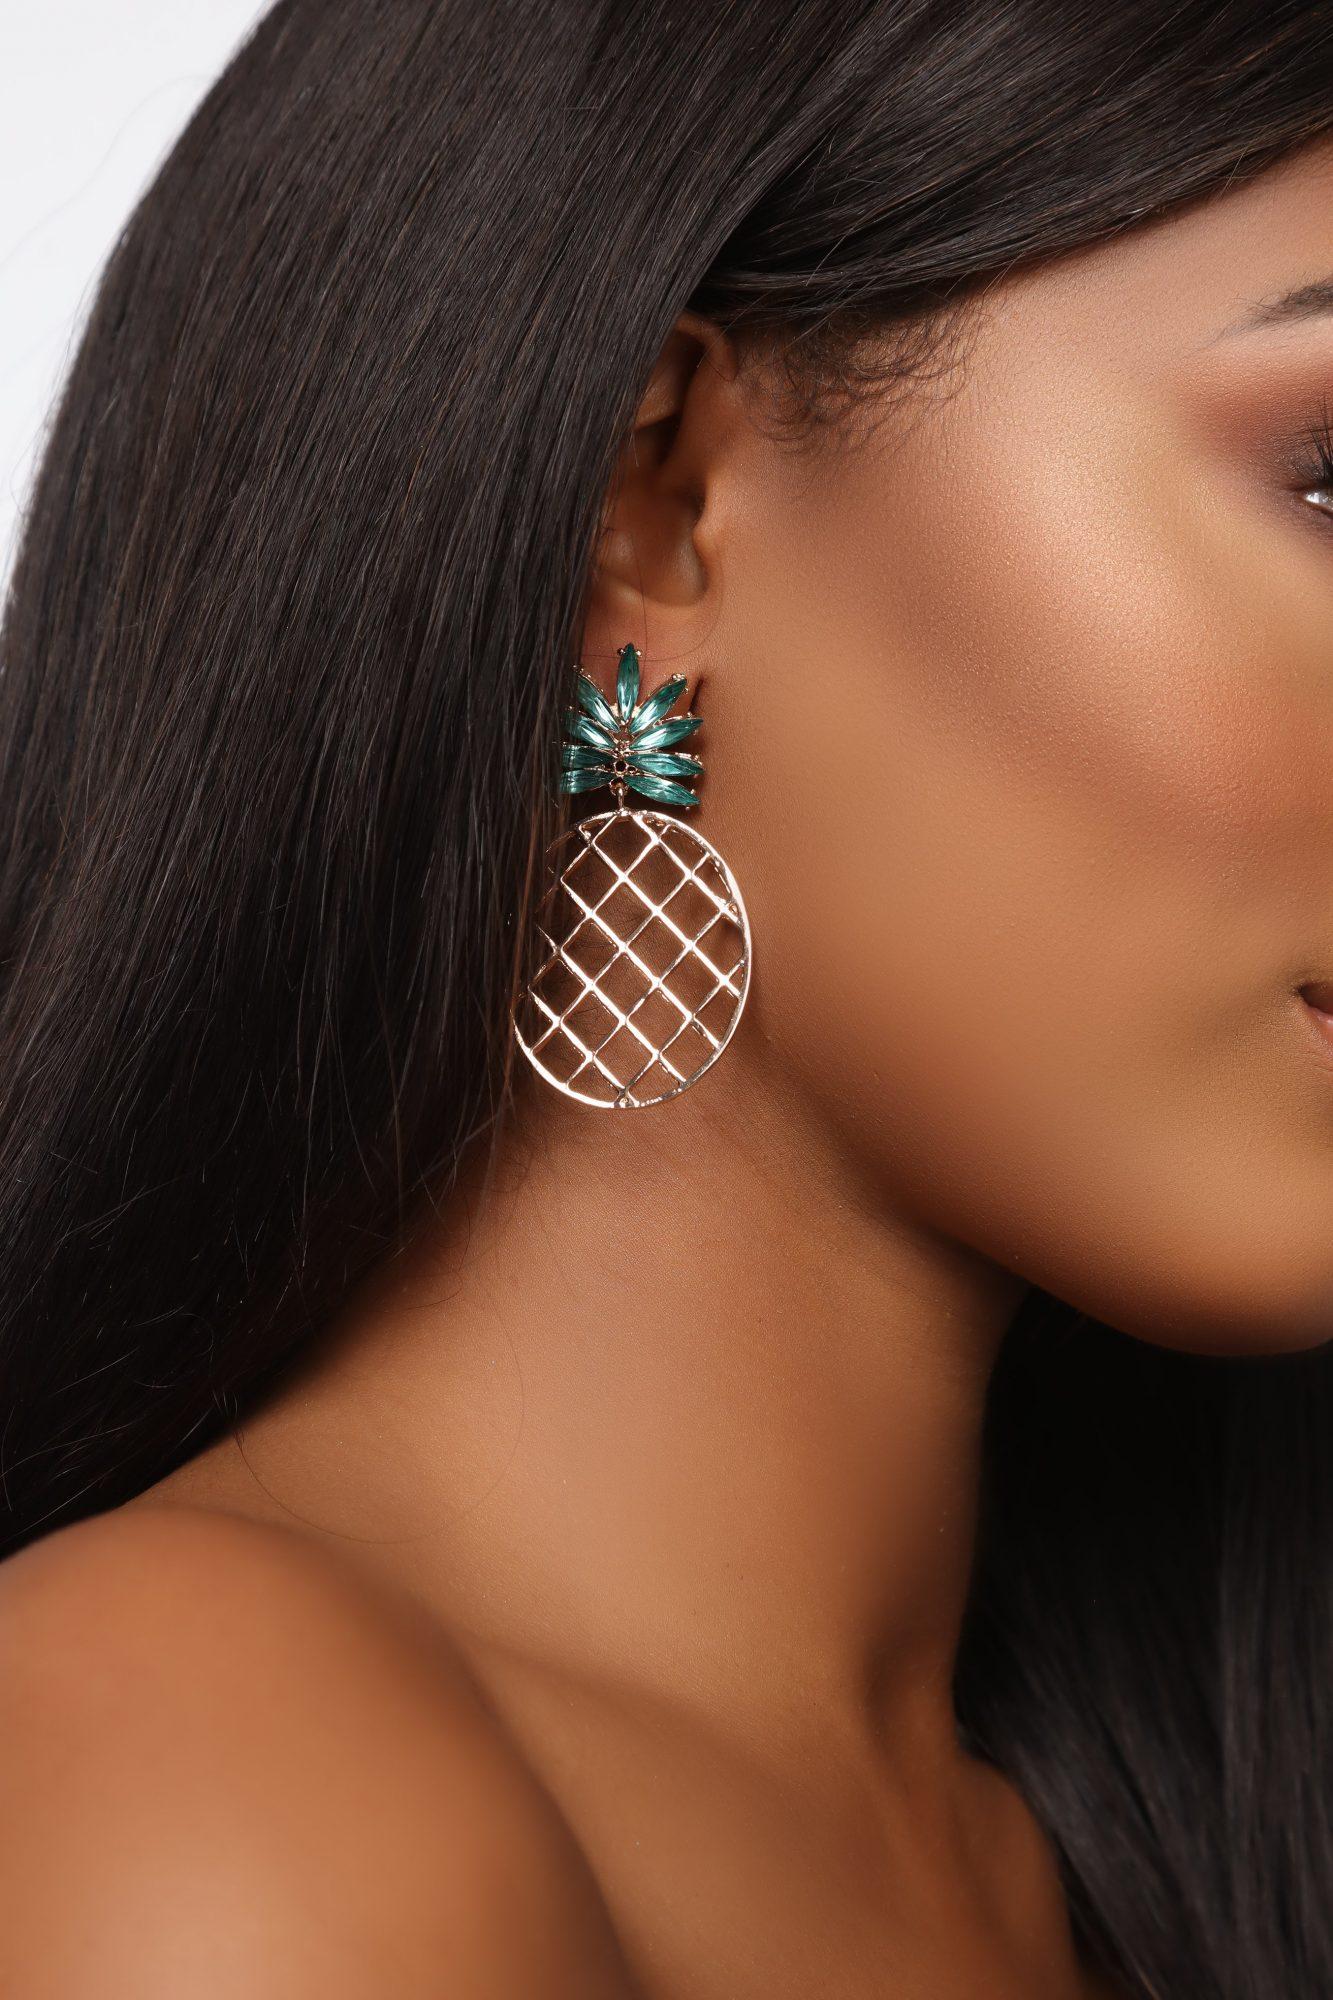 Fashion Nova pineapple earrings